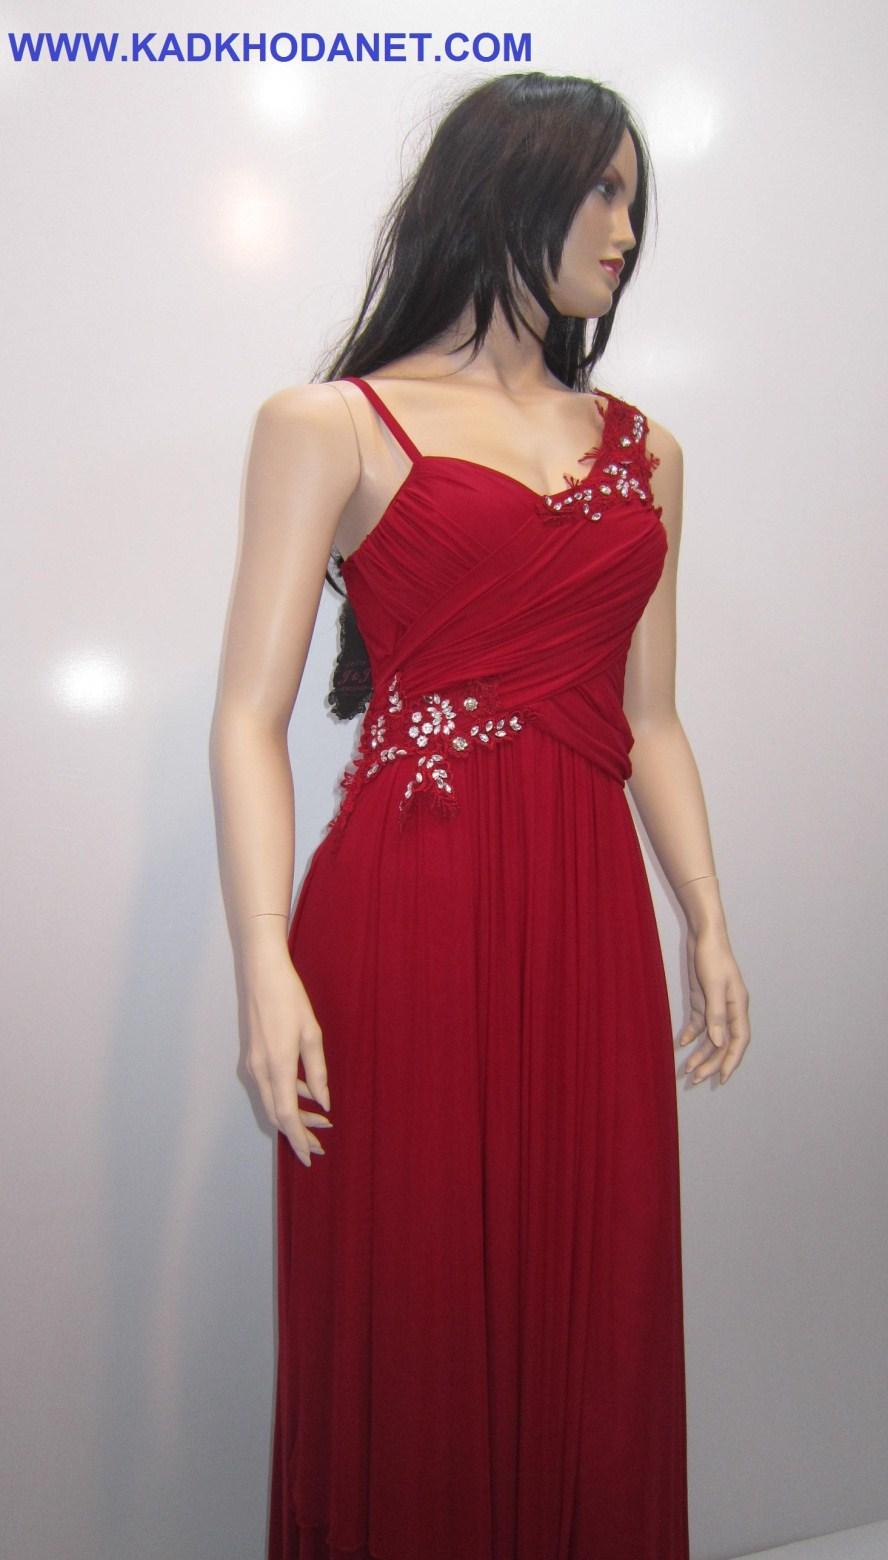 فروش اینترنتی لباس شیک زنانه